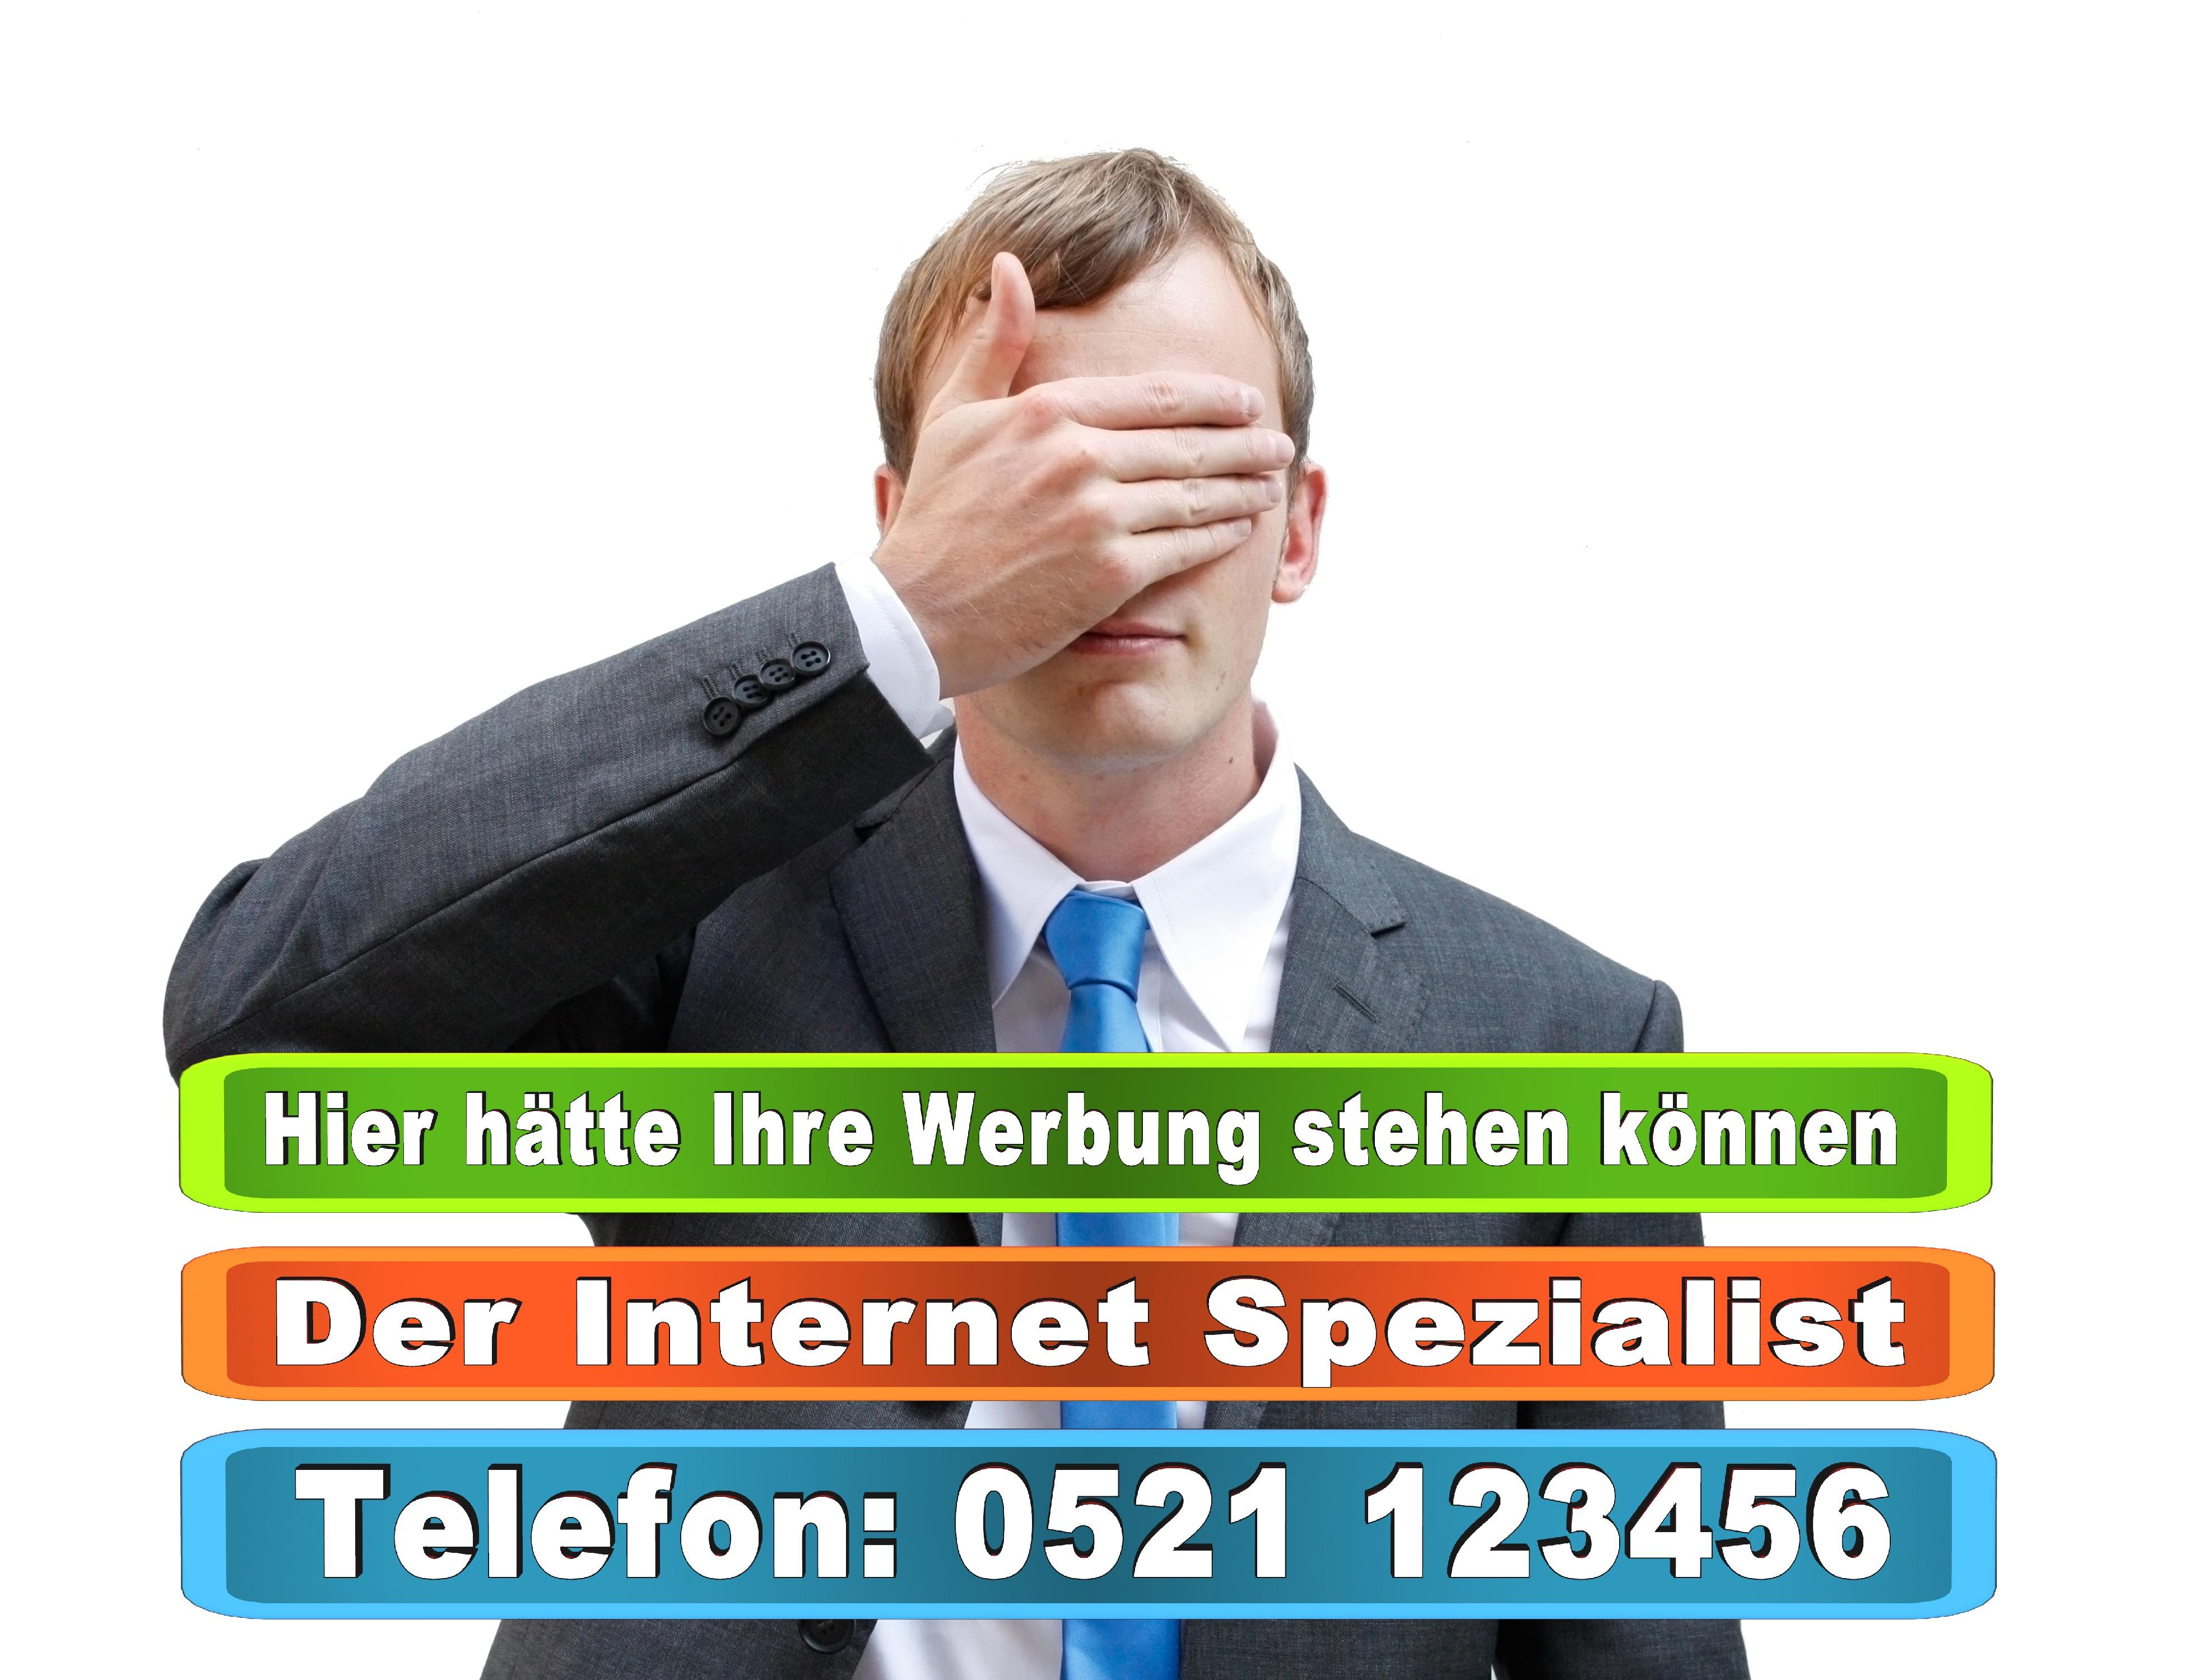 Bielefeld Werbung Werbeanzeigen Zeitungen Bielefeld OWL NRW Demonstrationen Polizei Bielefeld Kleinanzeigen Bielefeld Berlin Hamburg Köln (2)